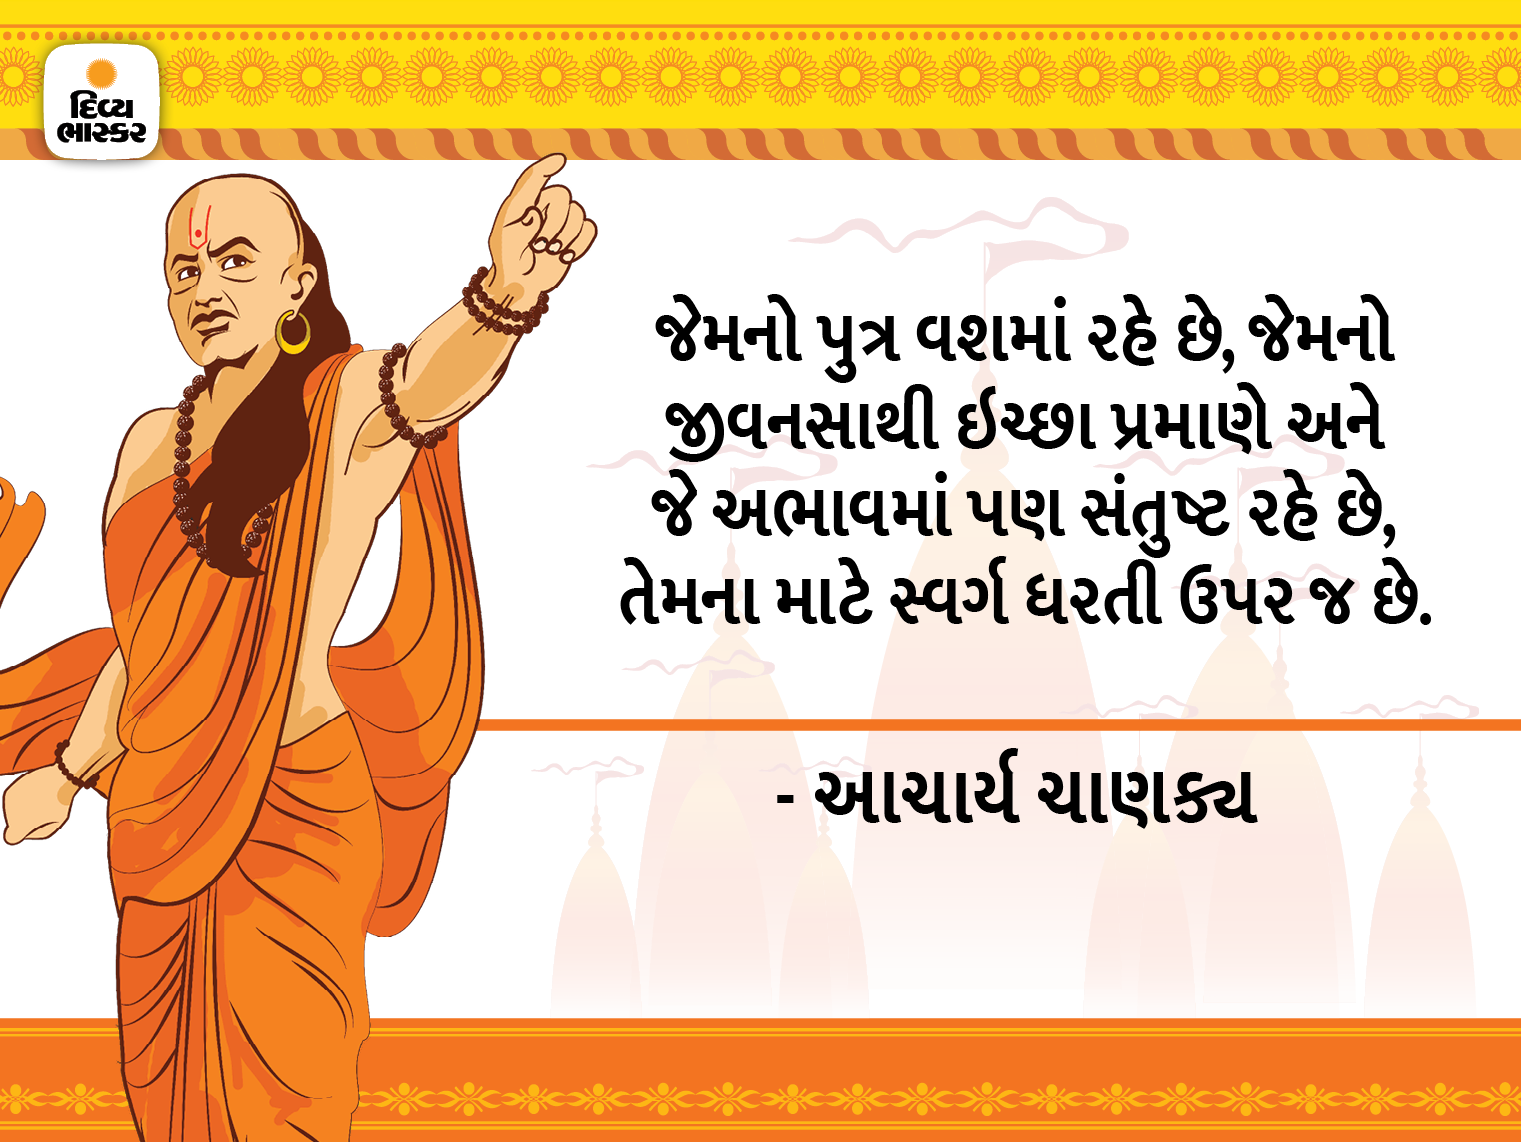 મૂર્ખતા દુઃખ આપે છે, યુવાની પણ દુઃખદાયી છે અને અન્યના ઘરમાં રહેવું સૌથી વધારે દુઃખદાયી હોય છે|ધર્મ,Dharm - Divya Bhaskar